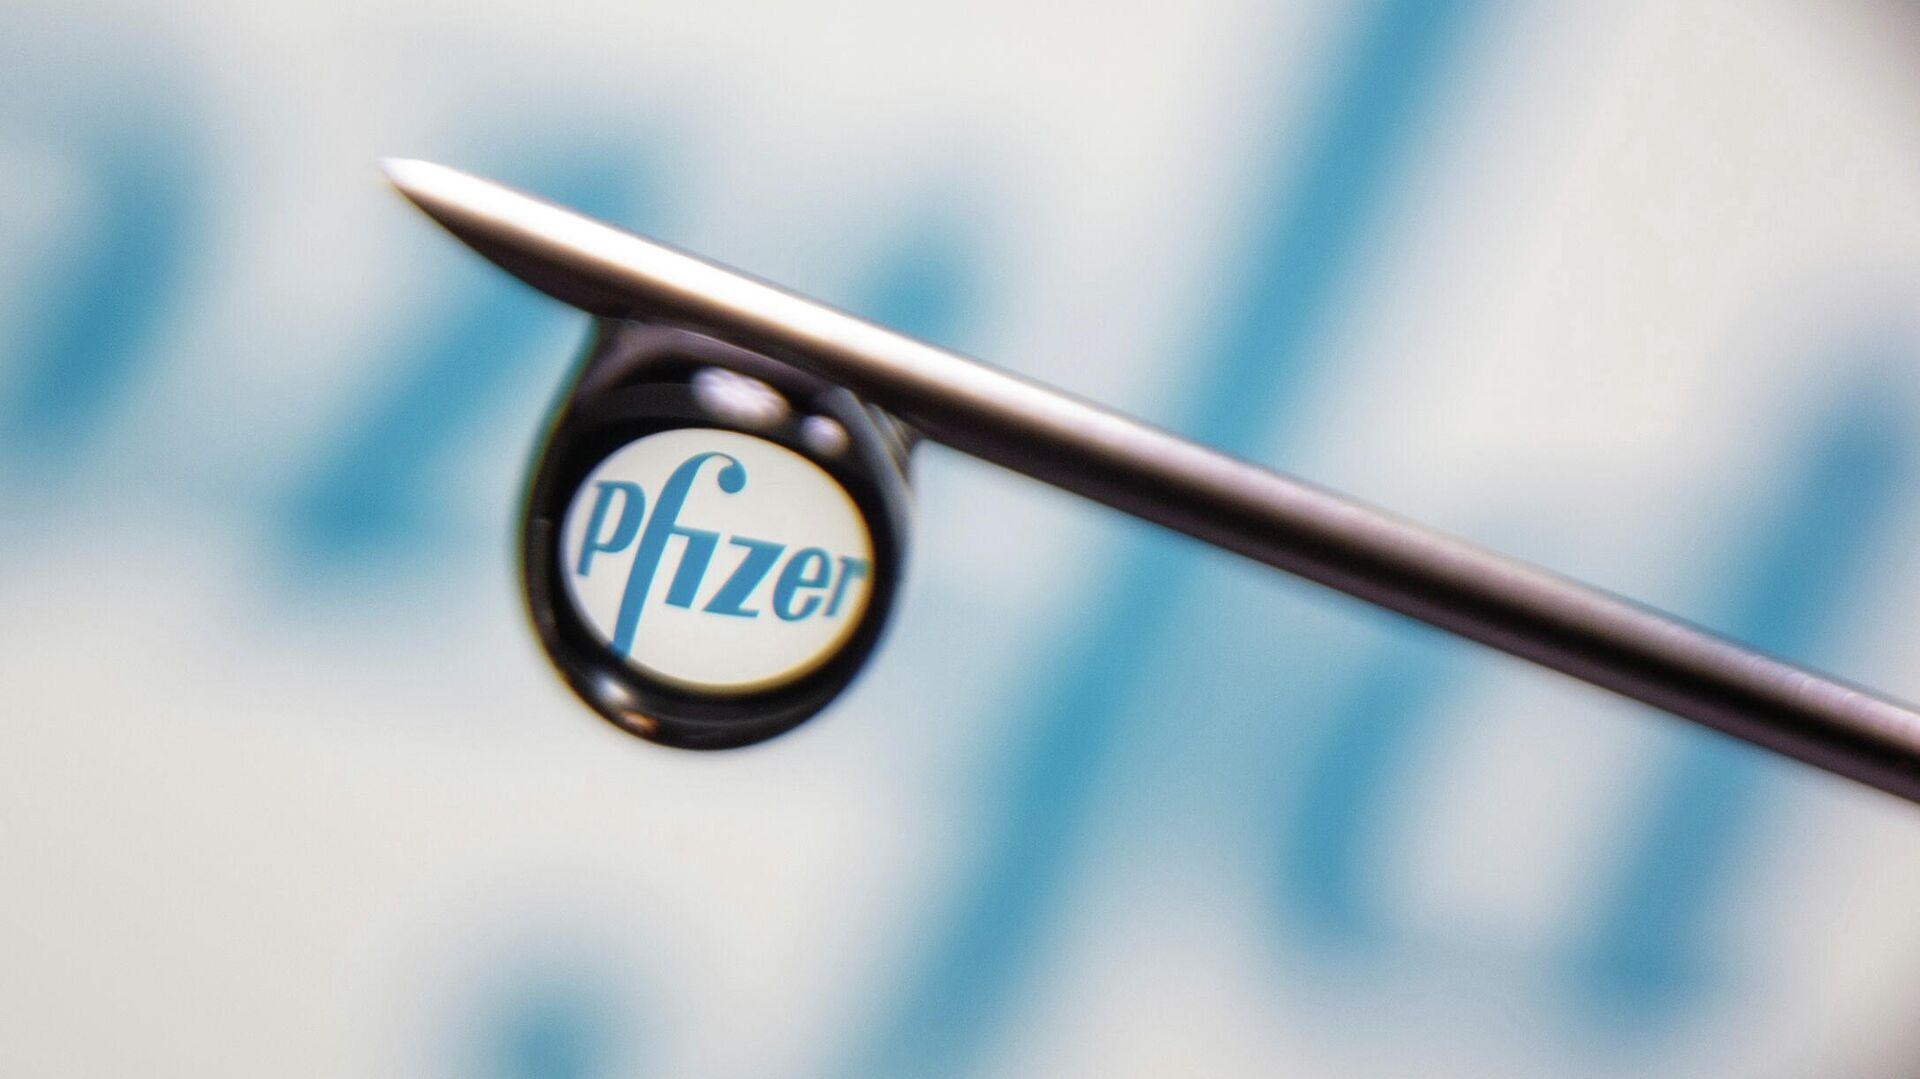 Logo de Pfizer - Sputnik Mundo, 1920, 31.03.2021